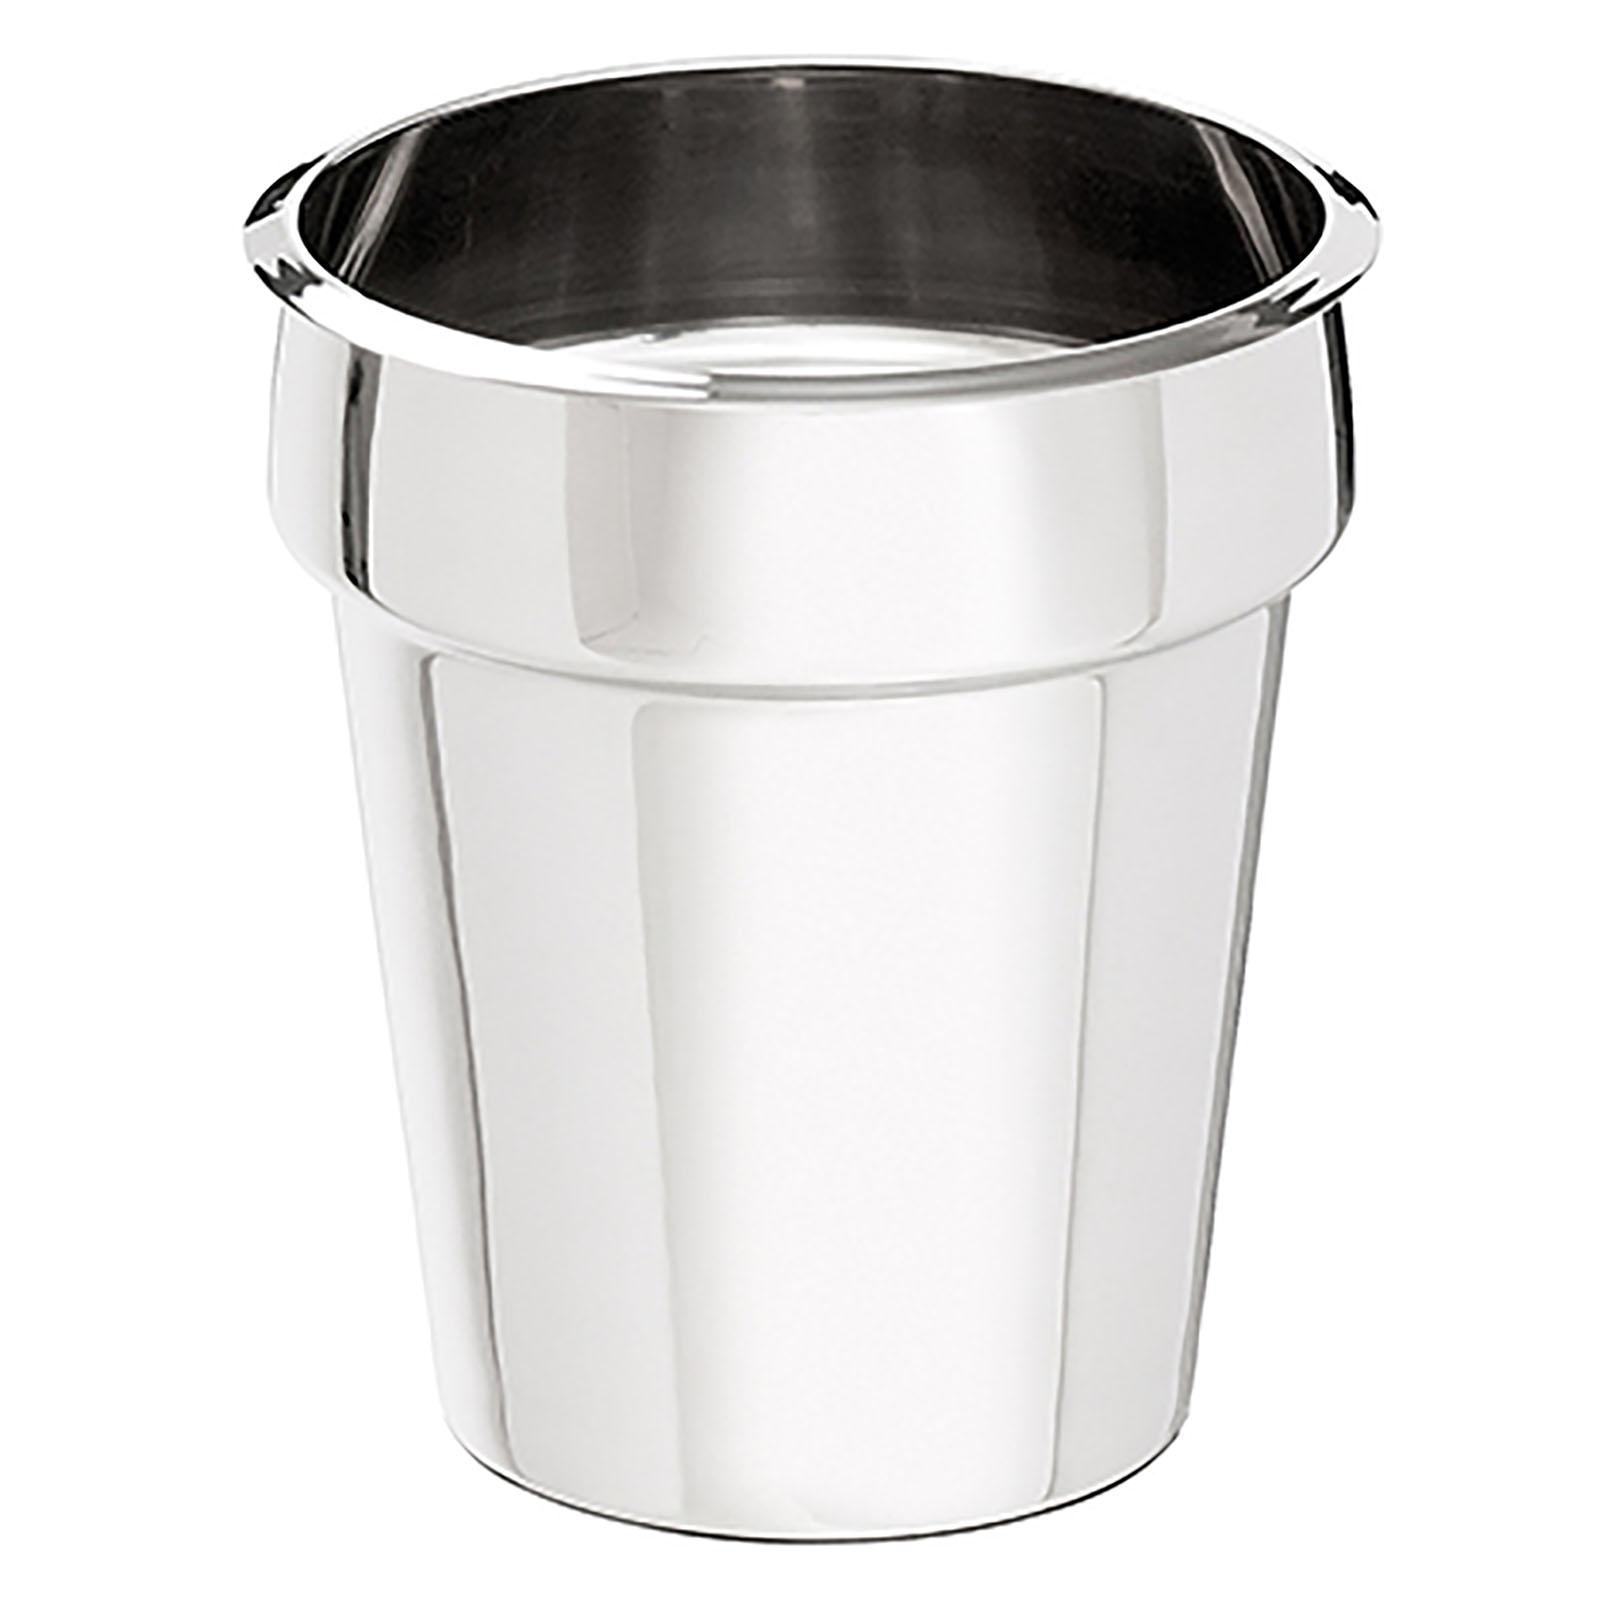 Bartscher Einsatztopf - 3,5 Liter zu Hotpot 10190215